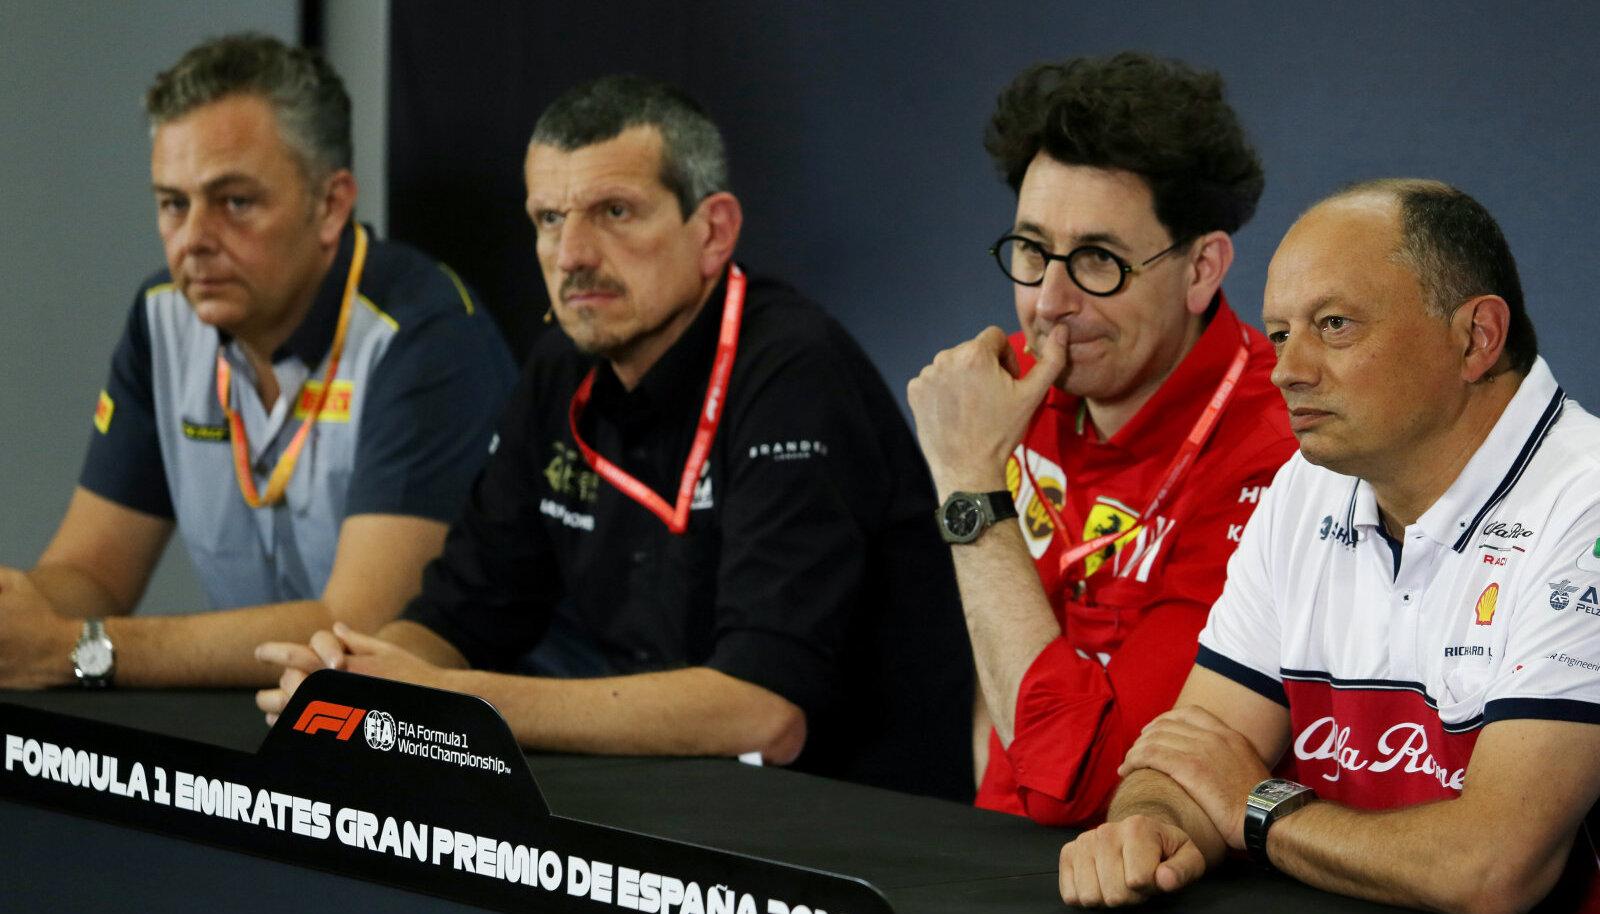 Vasakult: Pirelli juht Mario Isola, Haasi pealik Guenther Steiner, Ferrari boss Mattia Binotto ja Alfa Romeo pealik Frederic Vasseur.